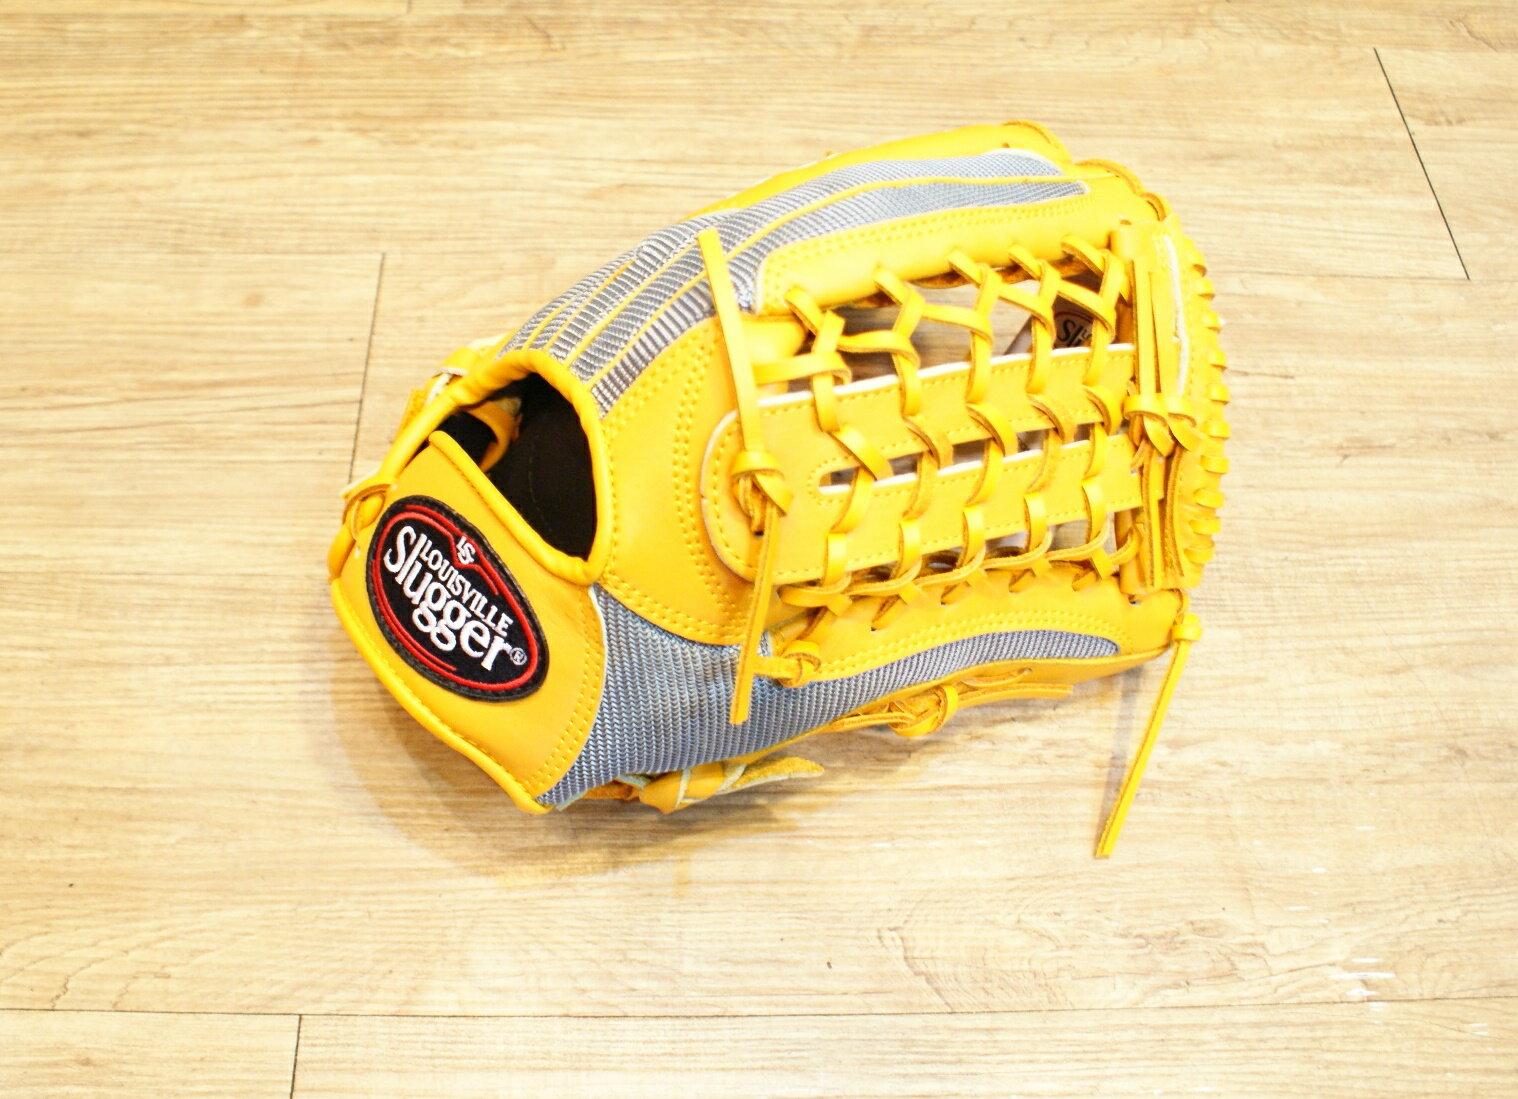 棒球世界 Louisvill Slugger 路易斯威爾TPX 布織布 外野T網棒壘球手套 特價 黃銀配